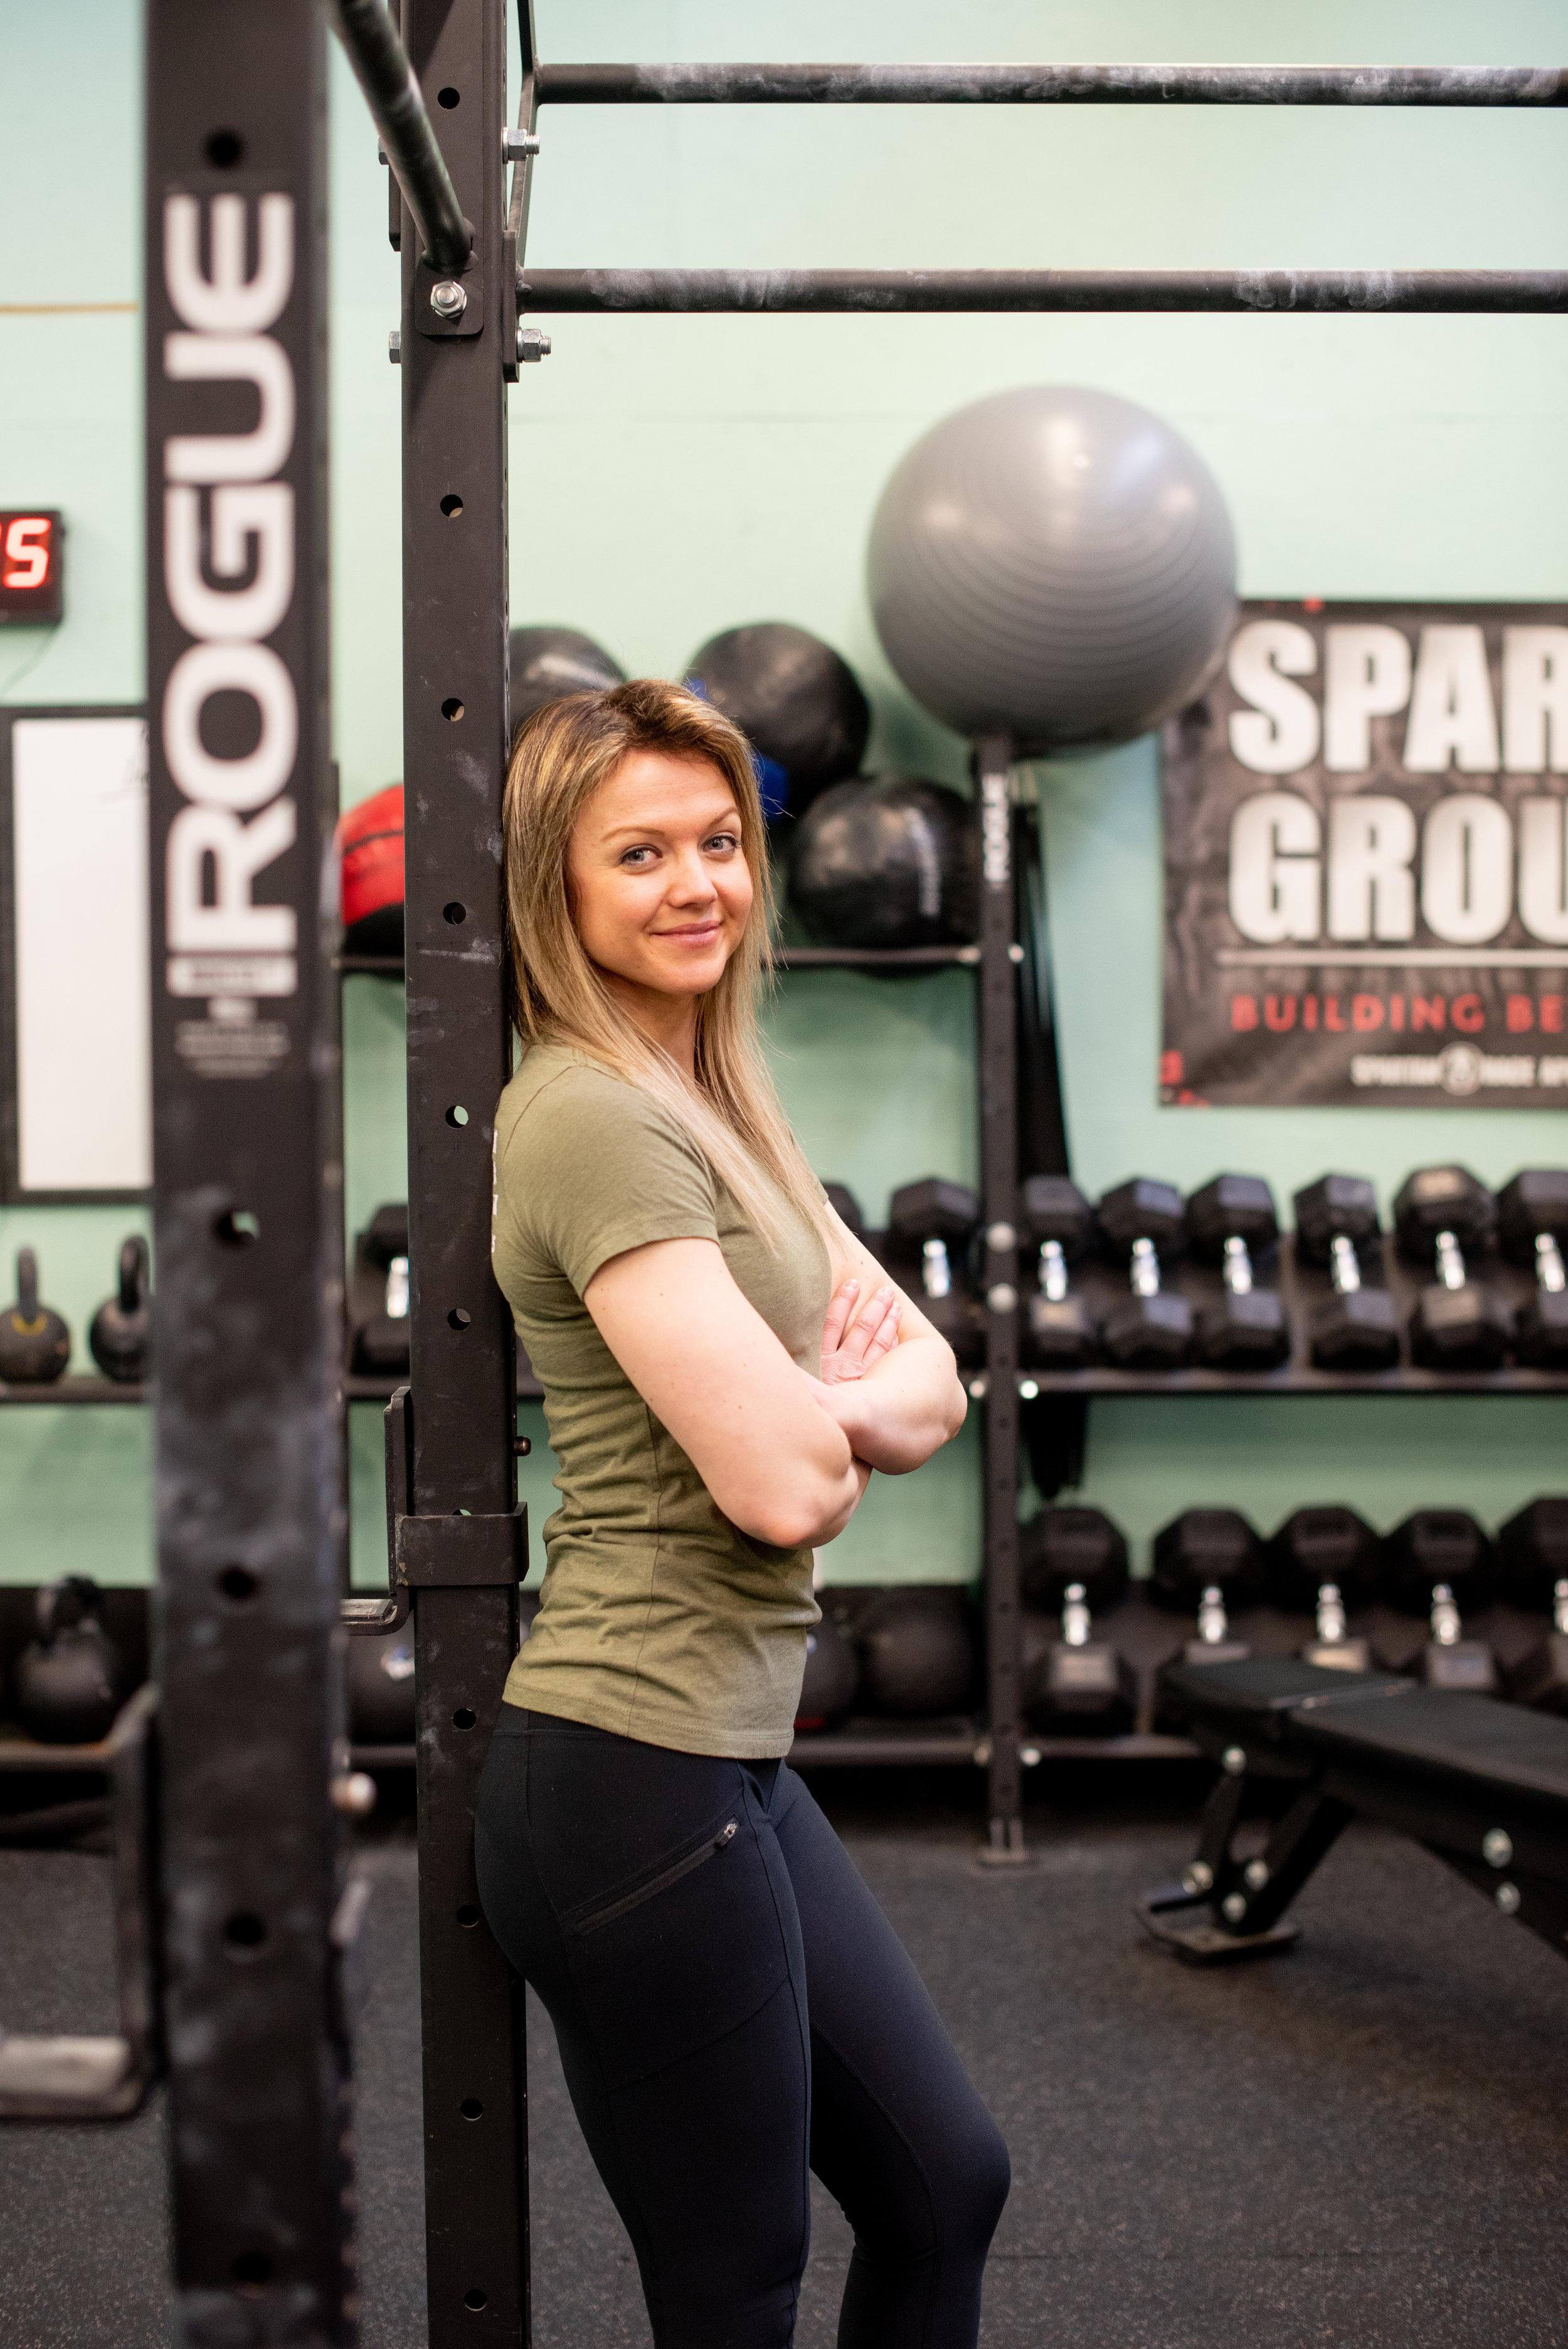 true health fit gym_0120.jpg